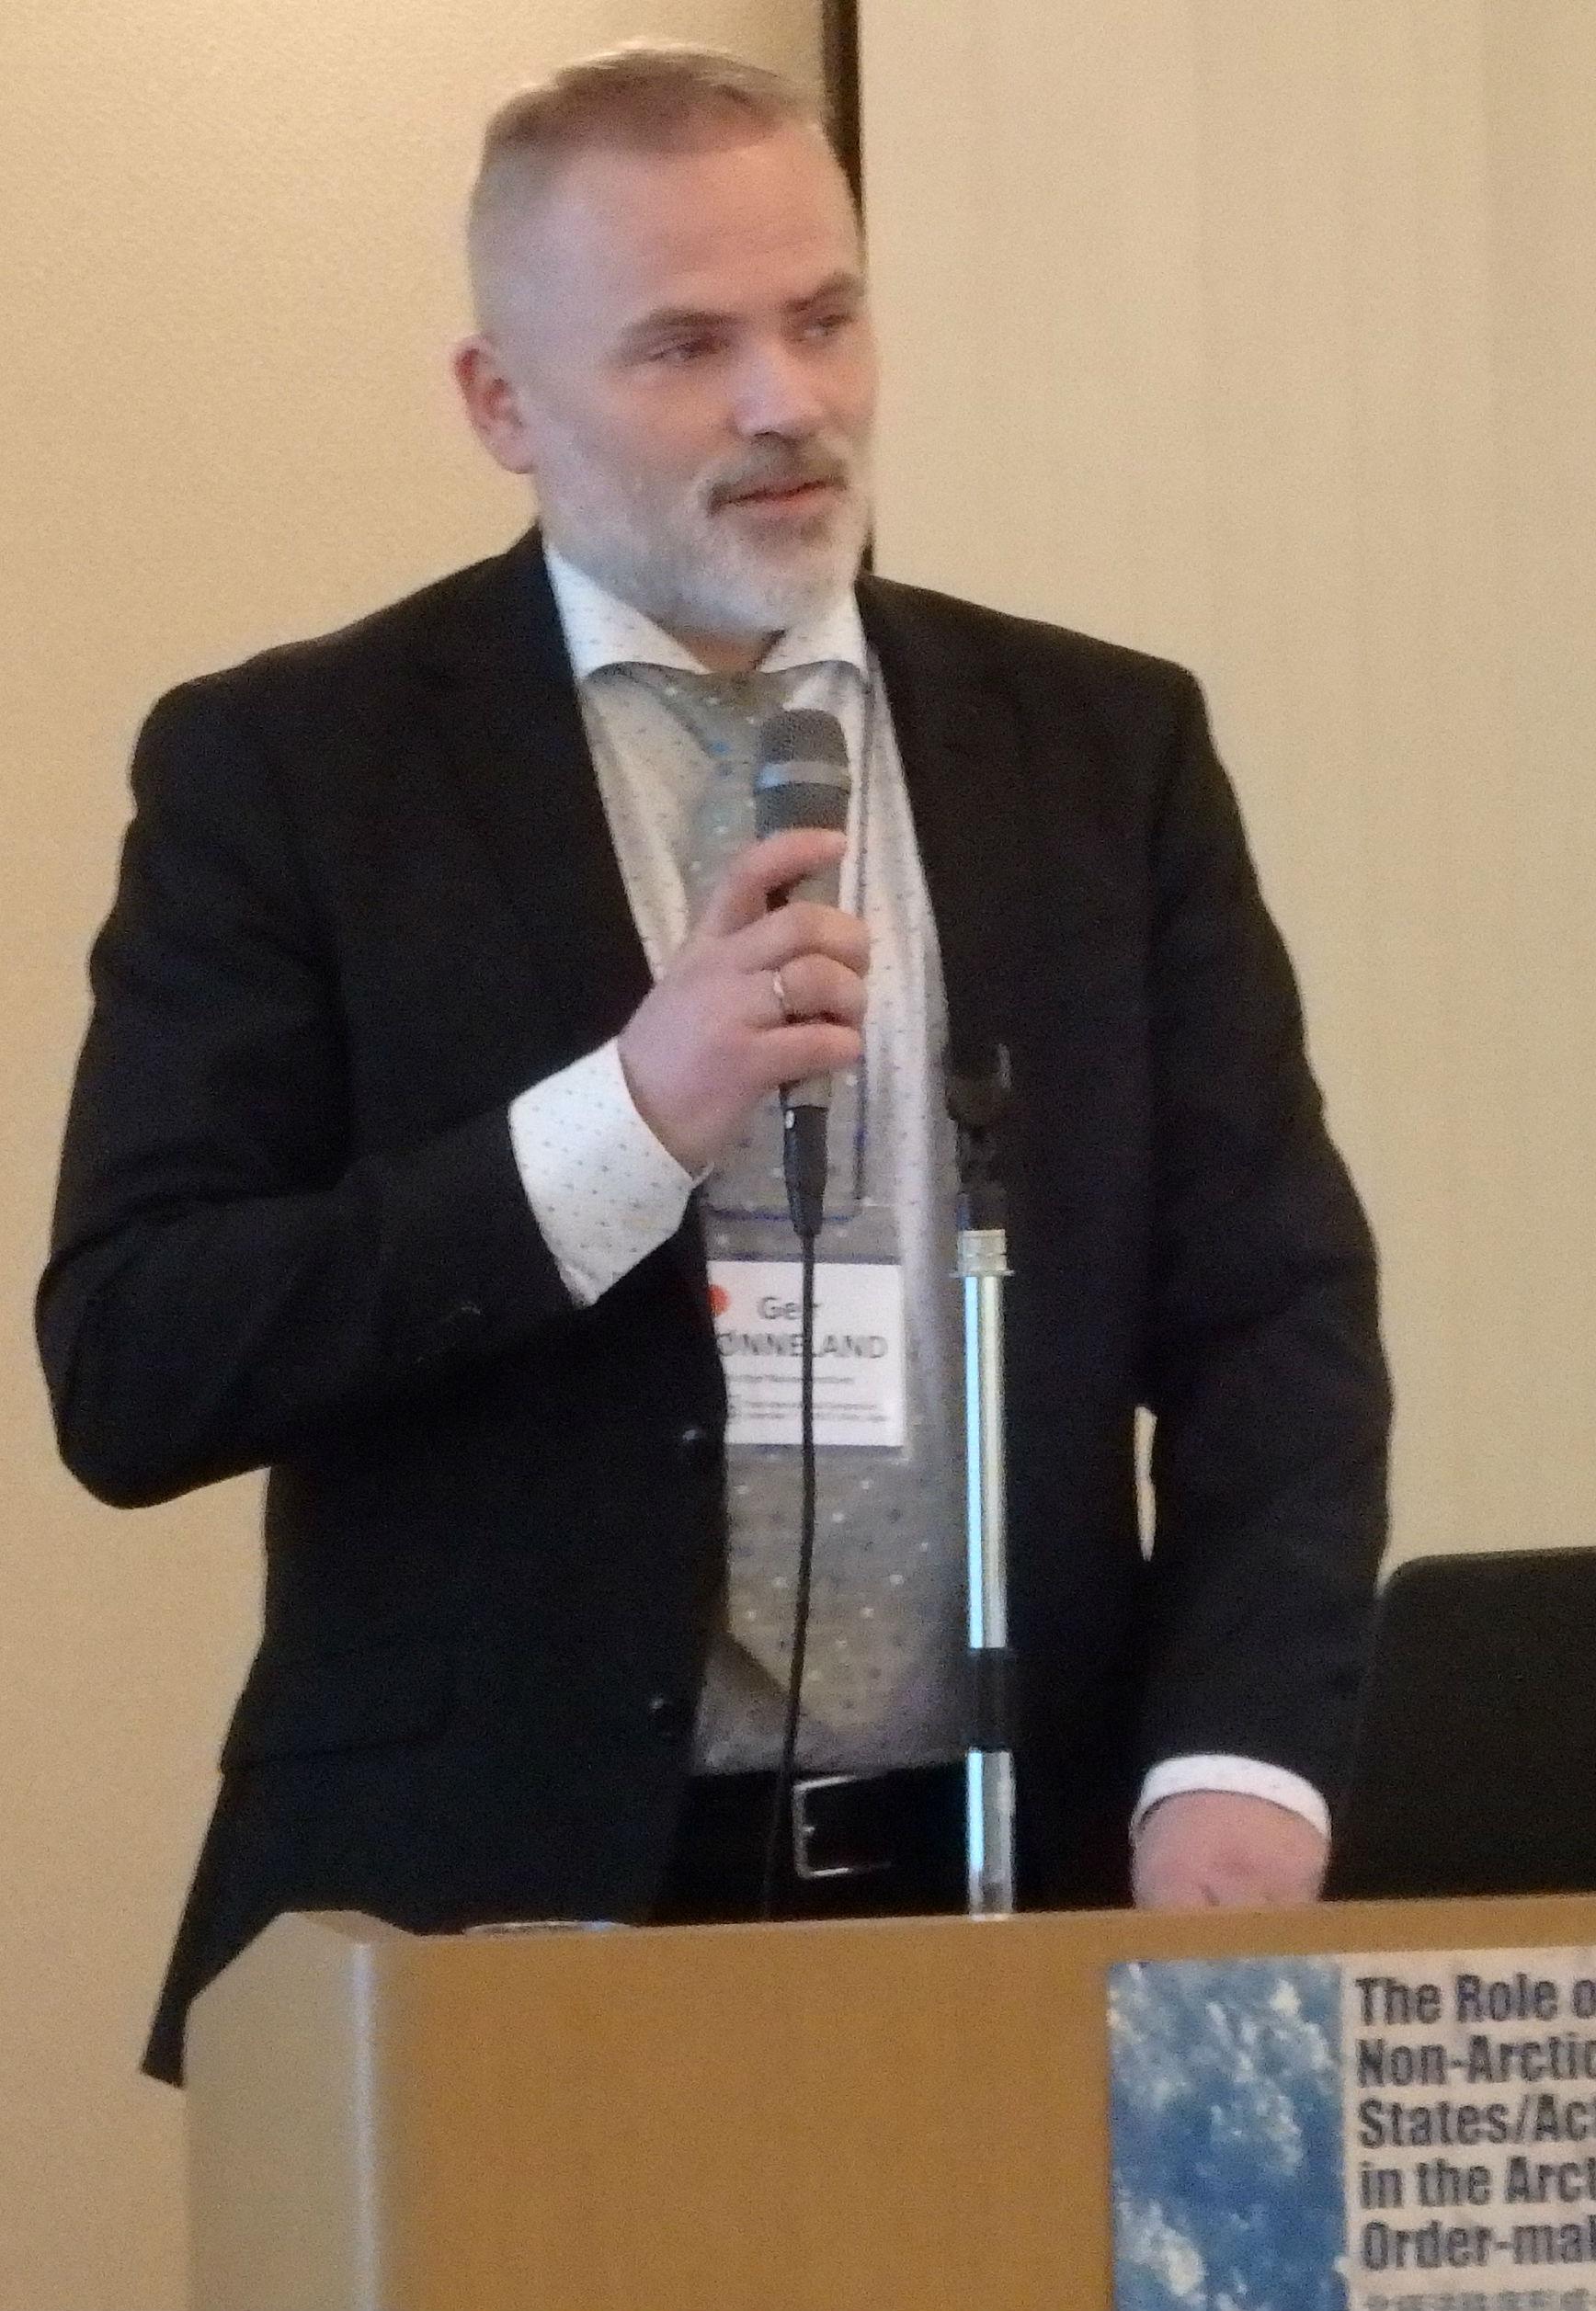 FNI director Geir Hønneland